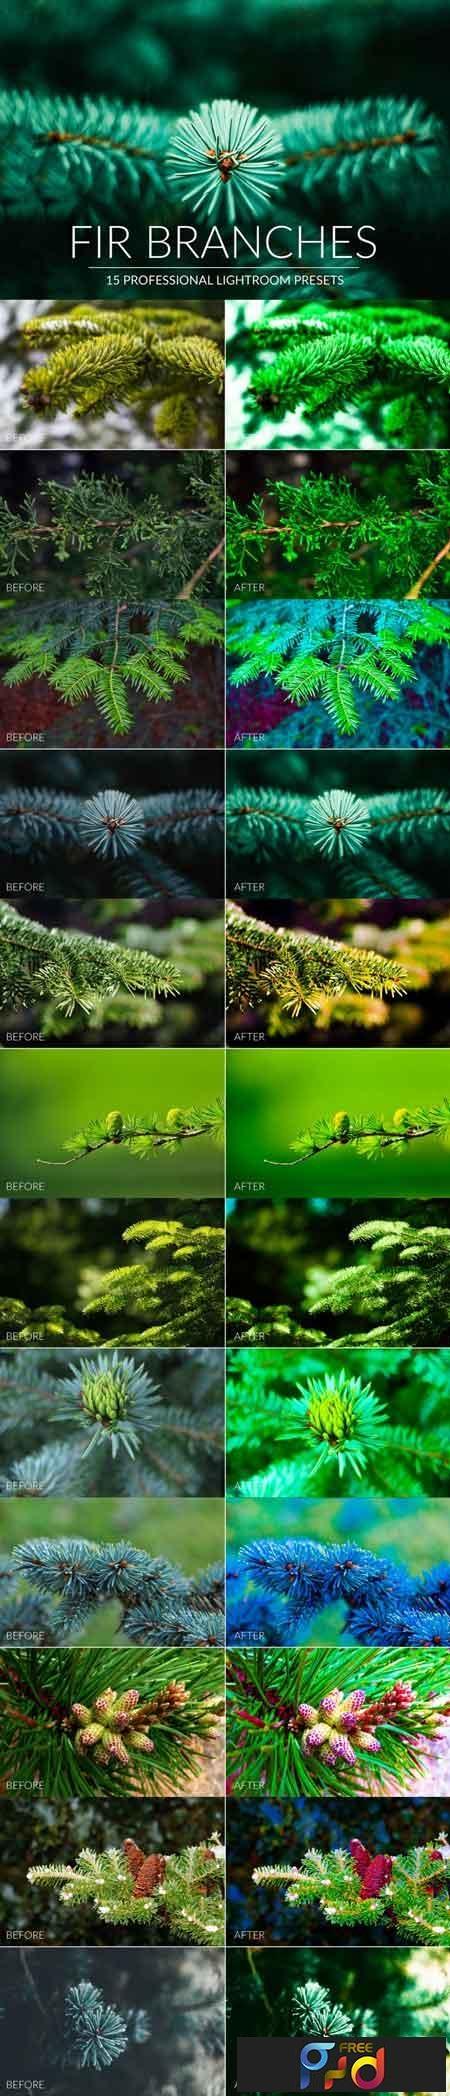 Fir Branches Lr Presets 1